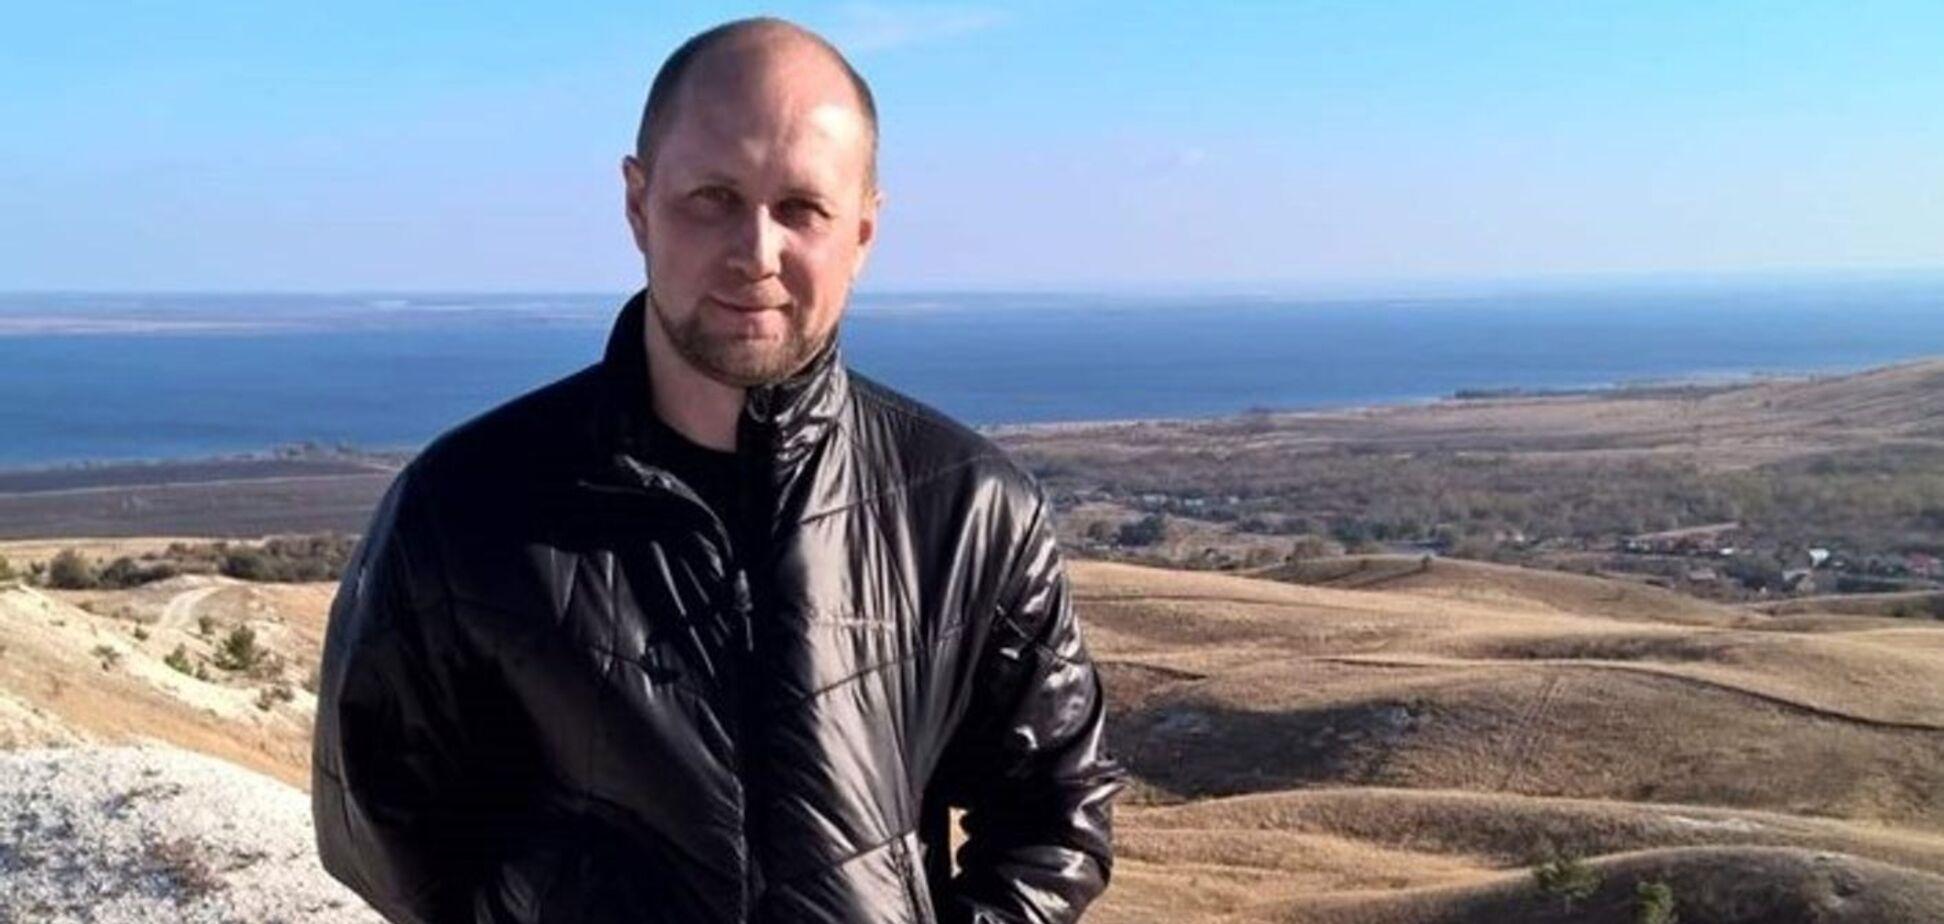 Військовий хімік з інституту криміналістики ФСБ Костянтин Кудрявцев і можливий отруйник російського опозиціонера Олексія Навального